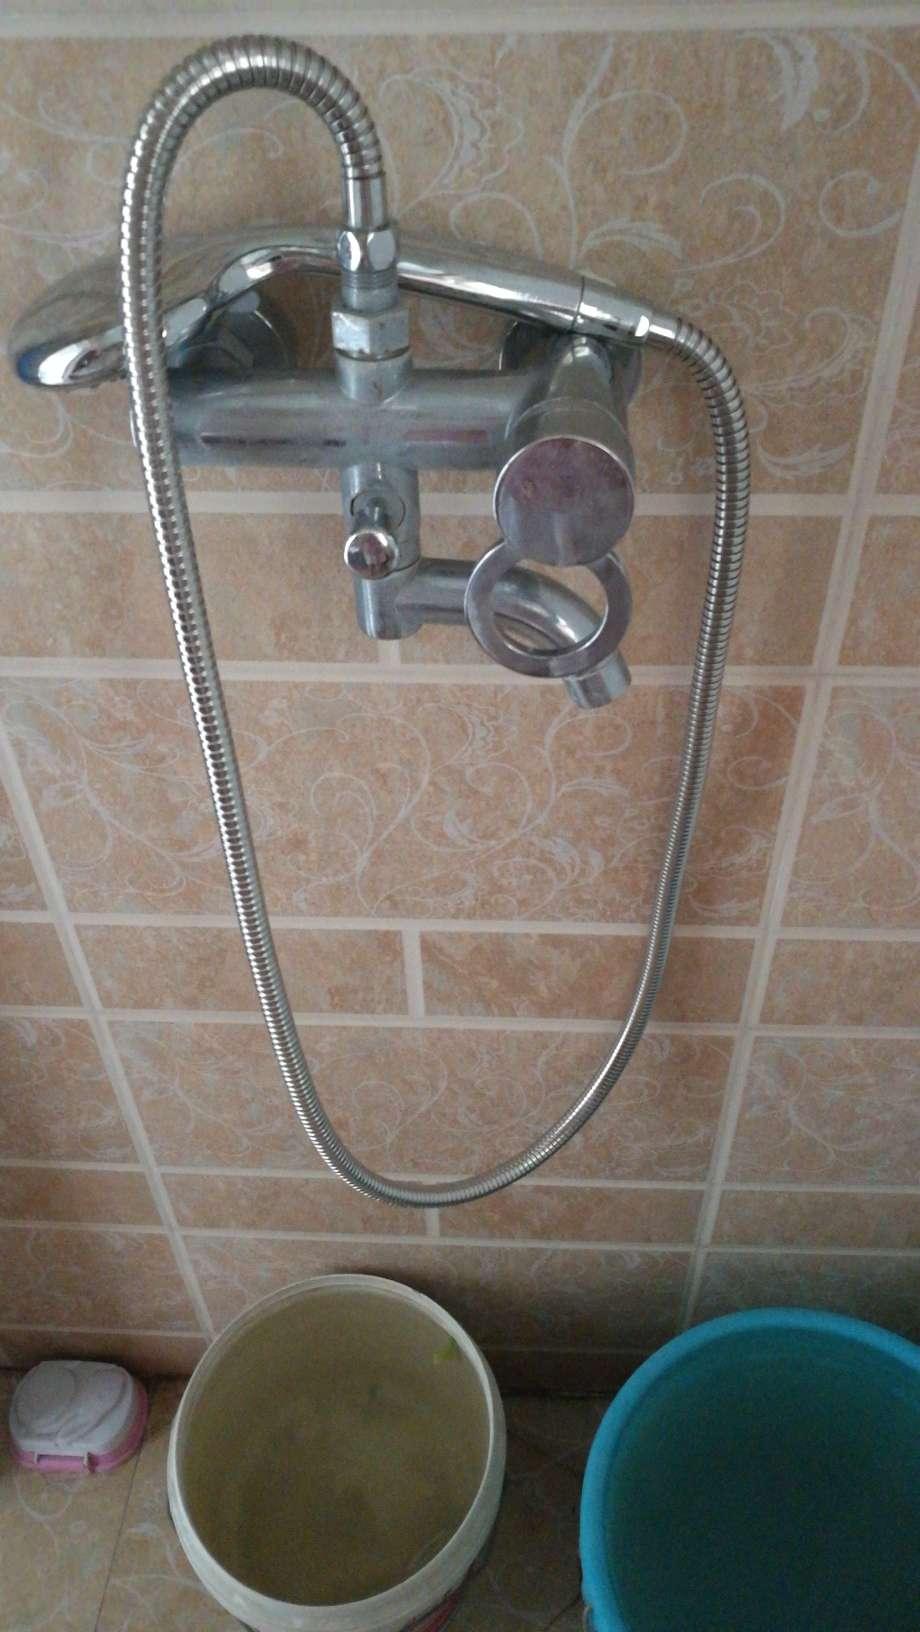 teva water shoes reviews 00239835 onsale